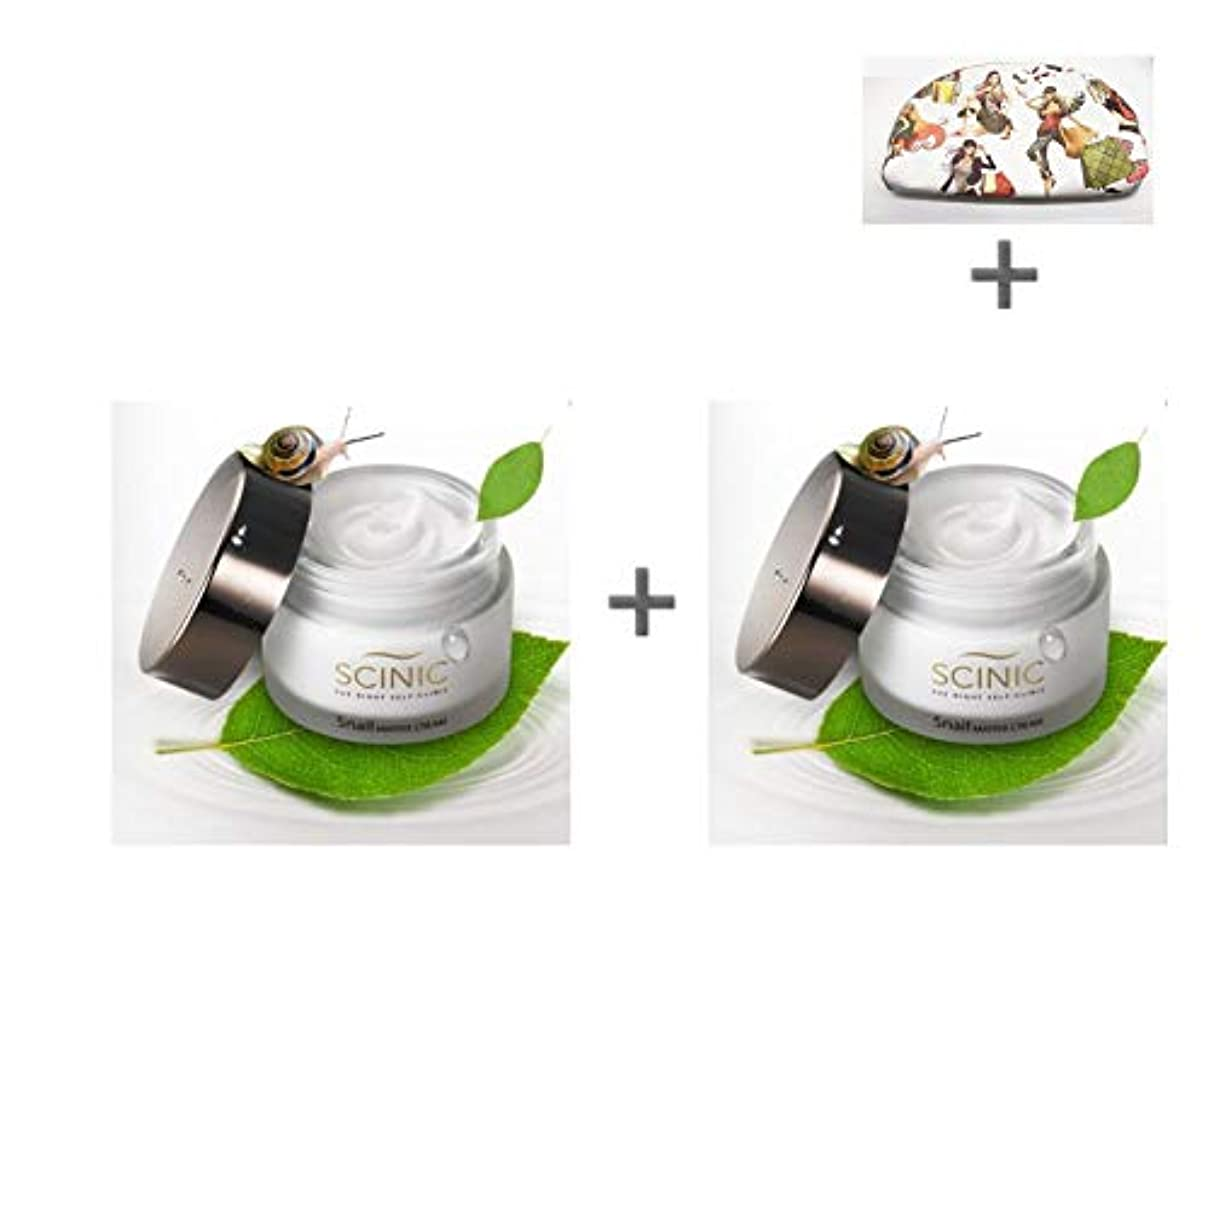 モーション組み合わせ議論する[サイニク] Scinic サイニク カタツムリクリーム ぷりぷり モチーフ肌 保湿 栄養 クリーム 50ml 1+1 / Scinic Snail Cream [海外直送品][並行輸入品]